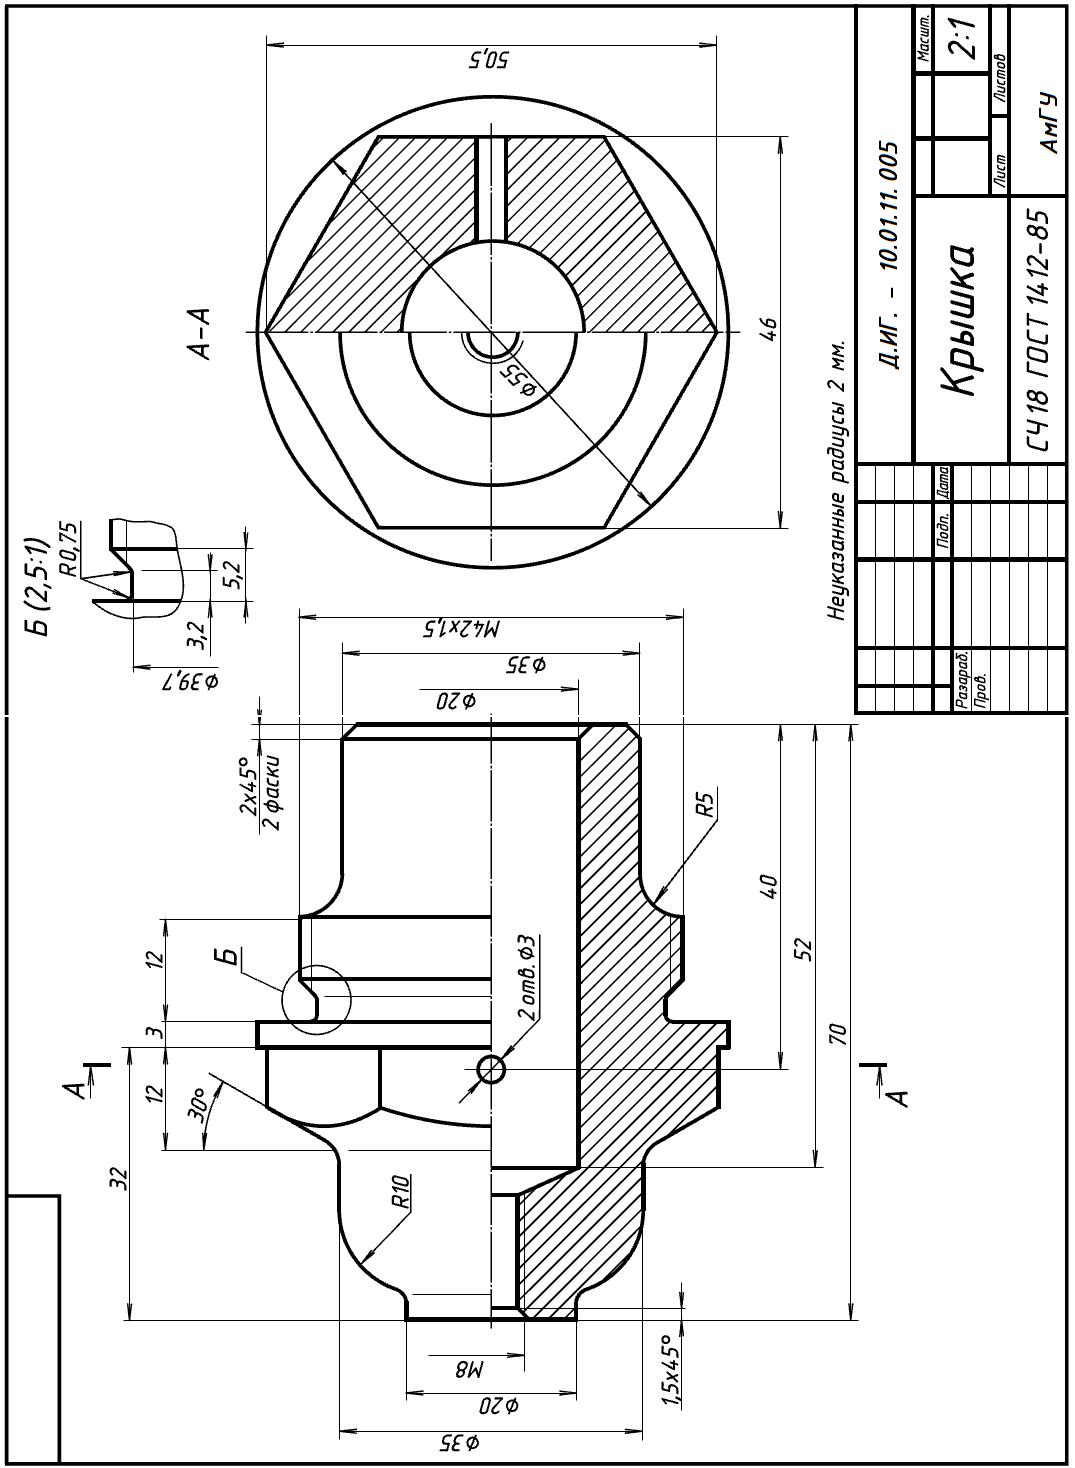 прекрасный, этот чертежи деталей машин с размерами картинки образ малефисенты то